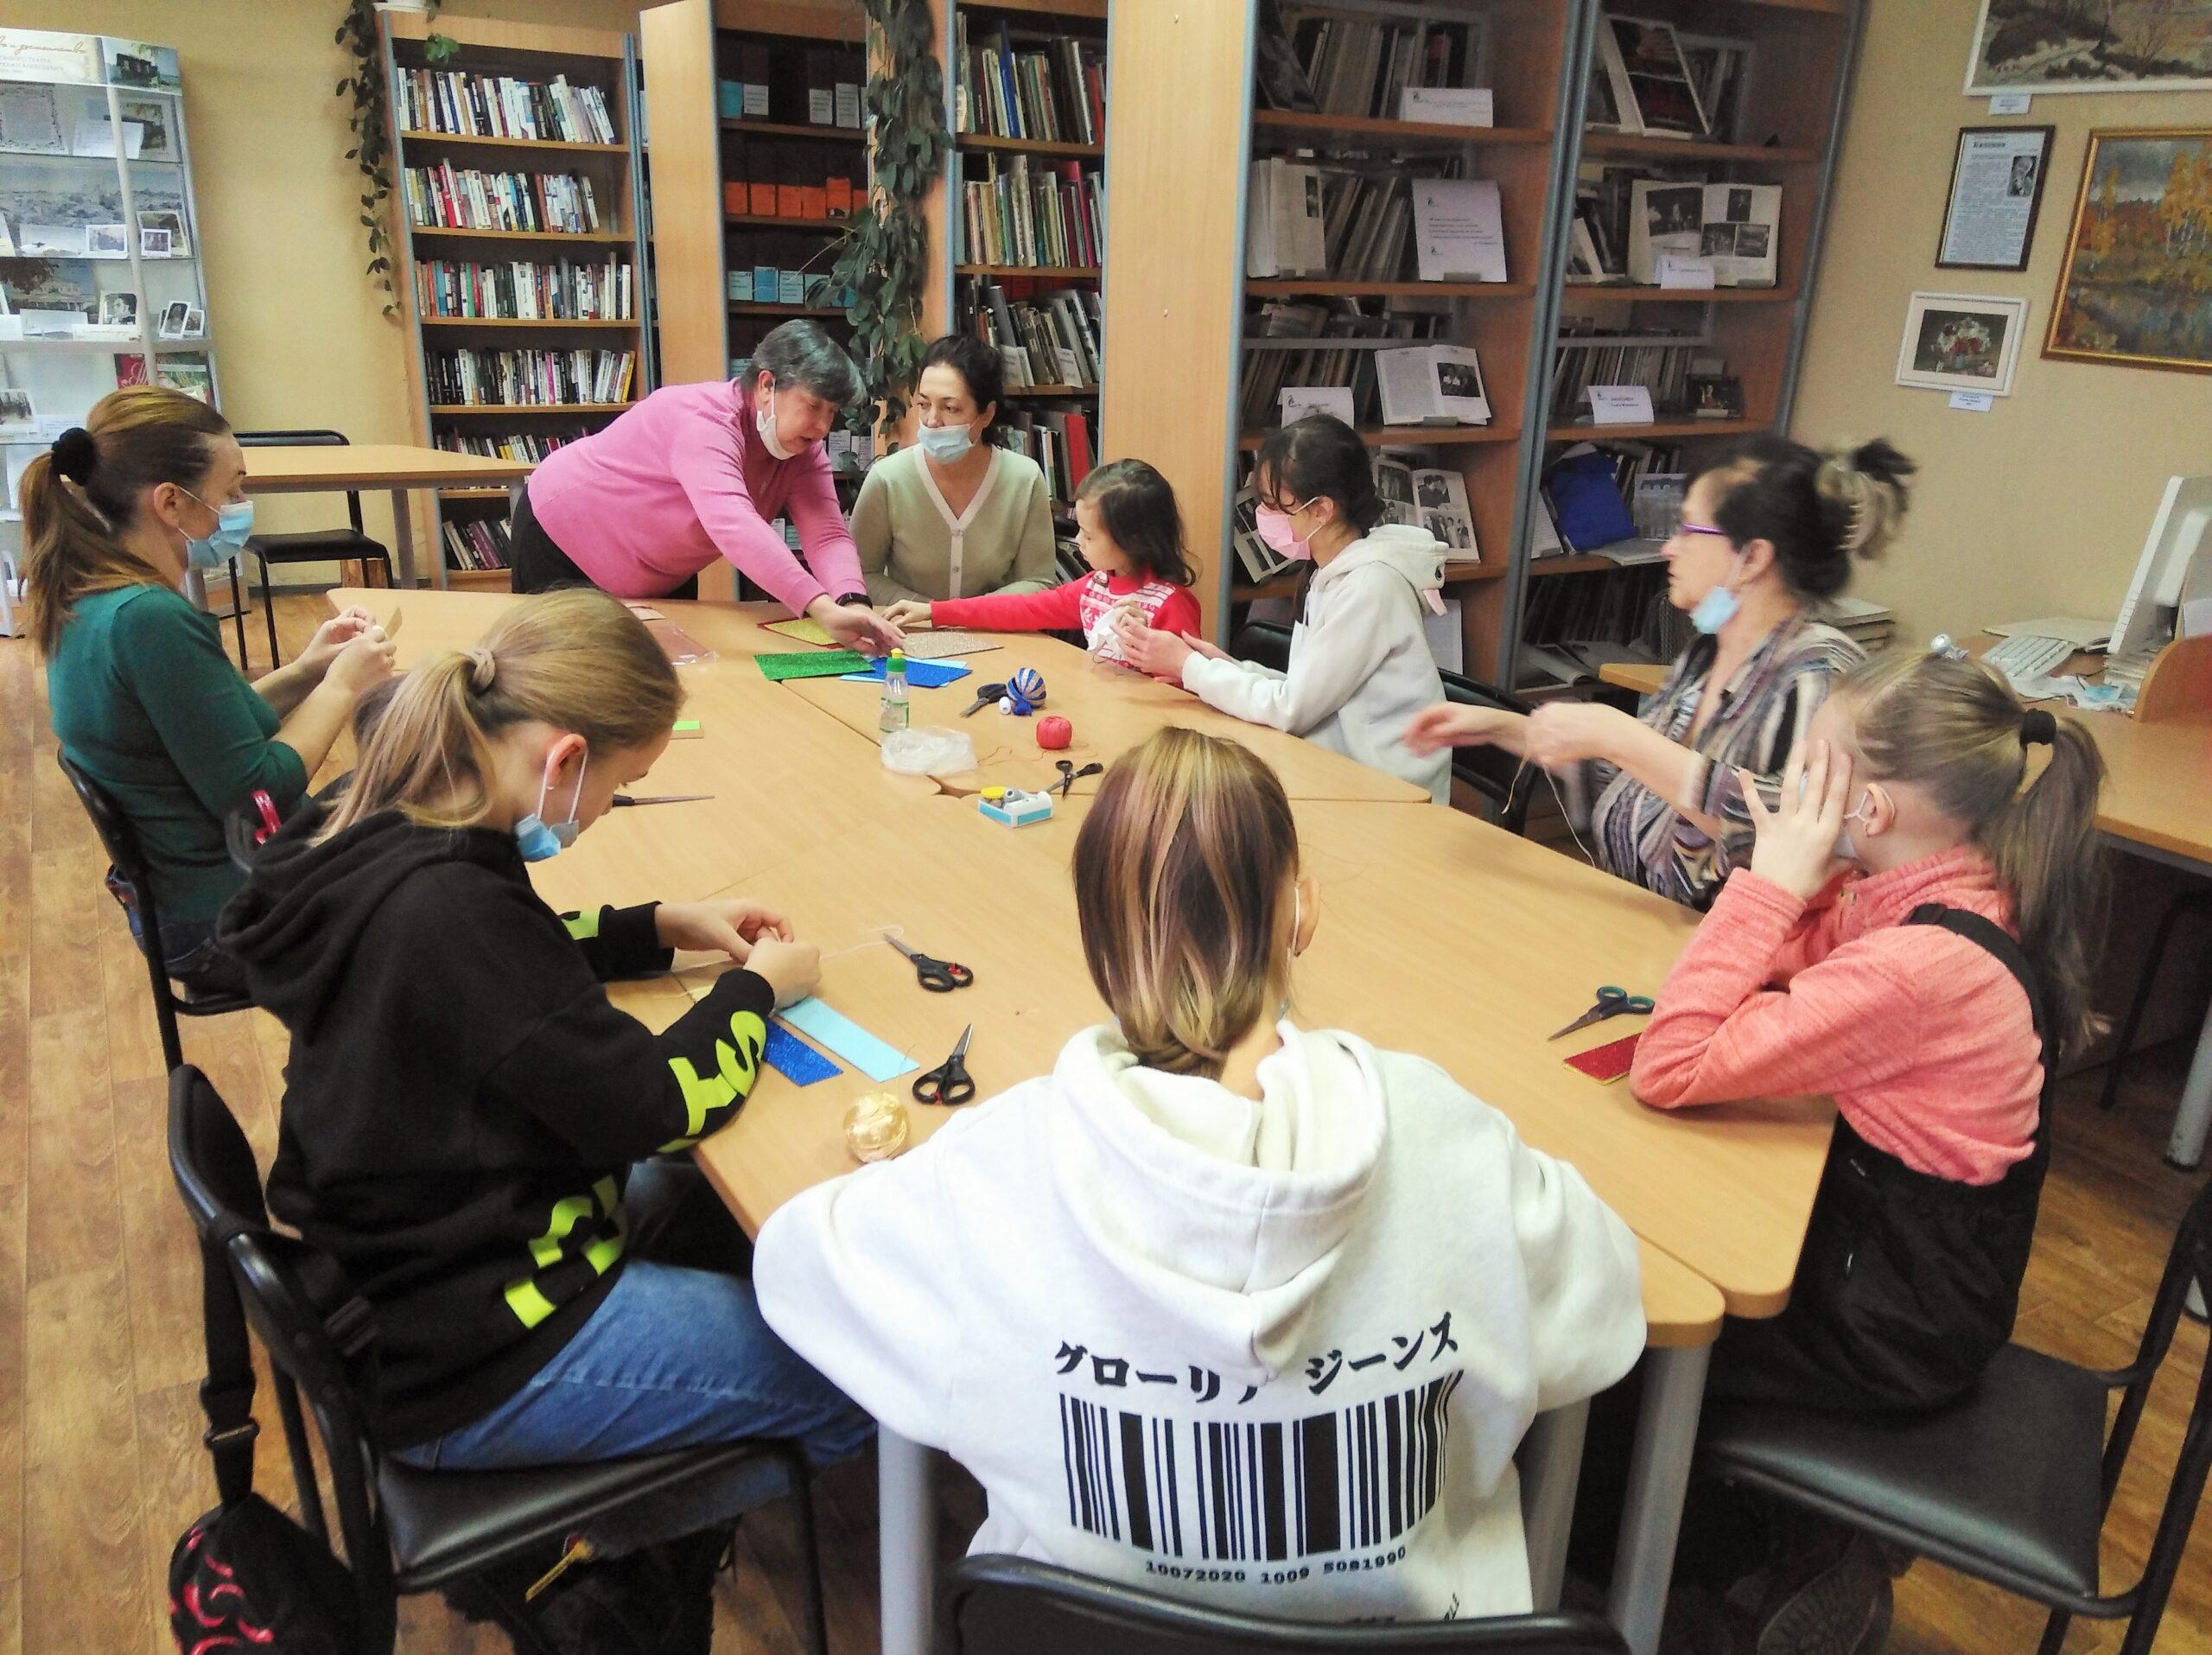 Участники мастер-класса делают оригами